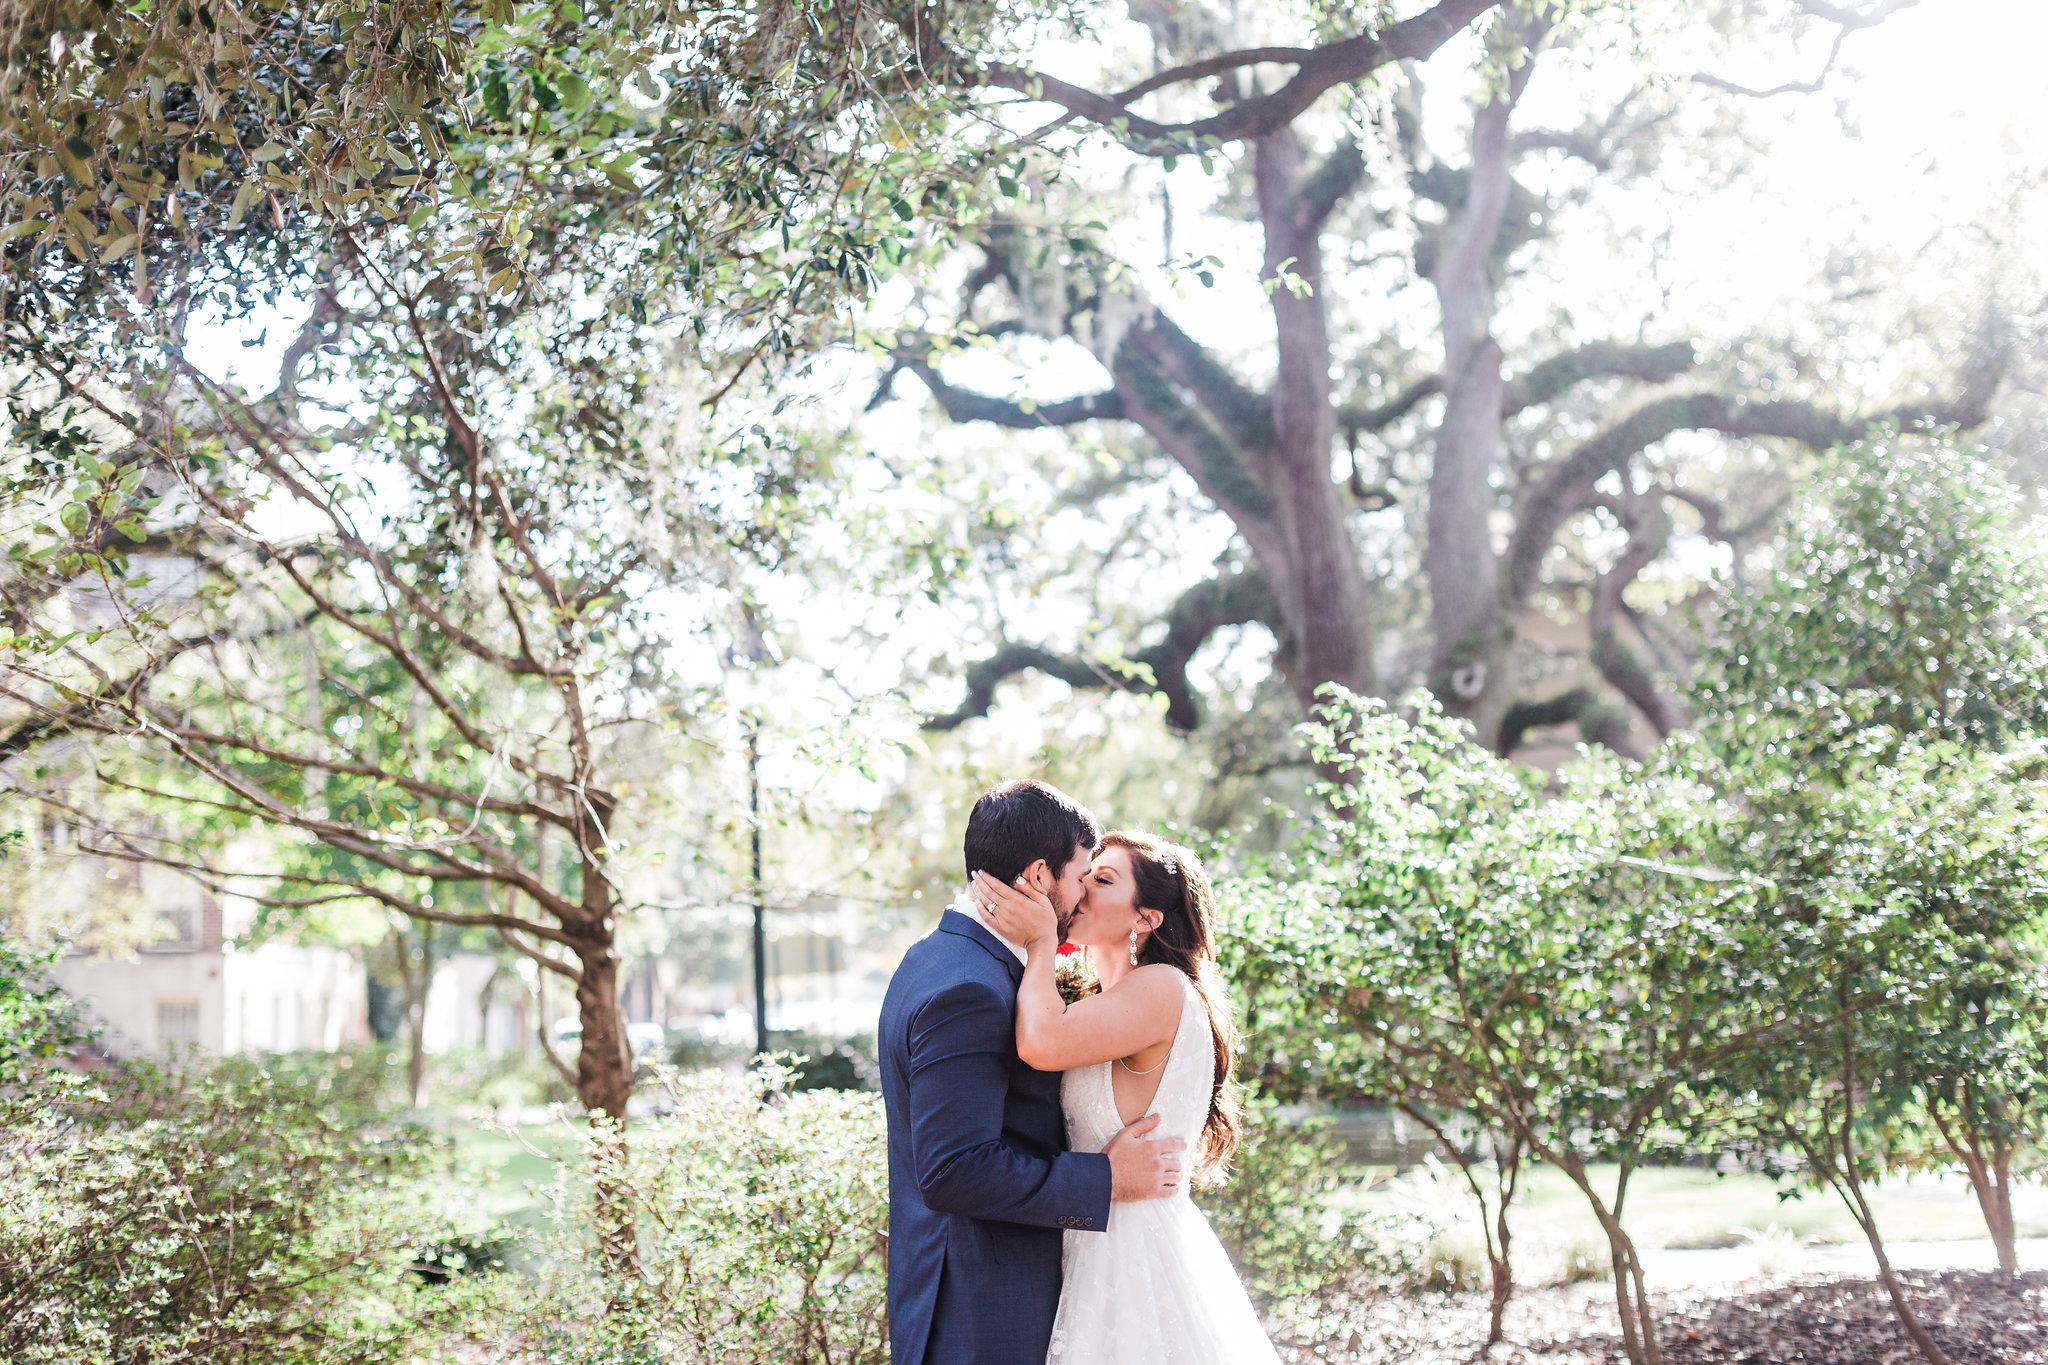 apt-b-photography-lindsey-shawn-Savannah-wedding-photographer-savannah-elopement-photographer-historic-savannah-elopement-savannah-weddings-hilton-head-wedding-photographer-jekyll-island-wedding-photographer-32.jpg